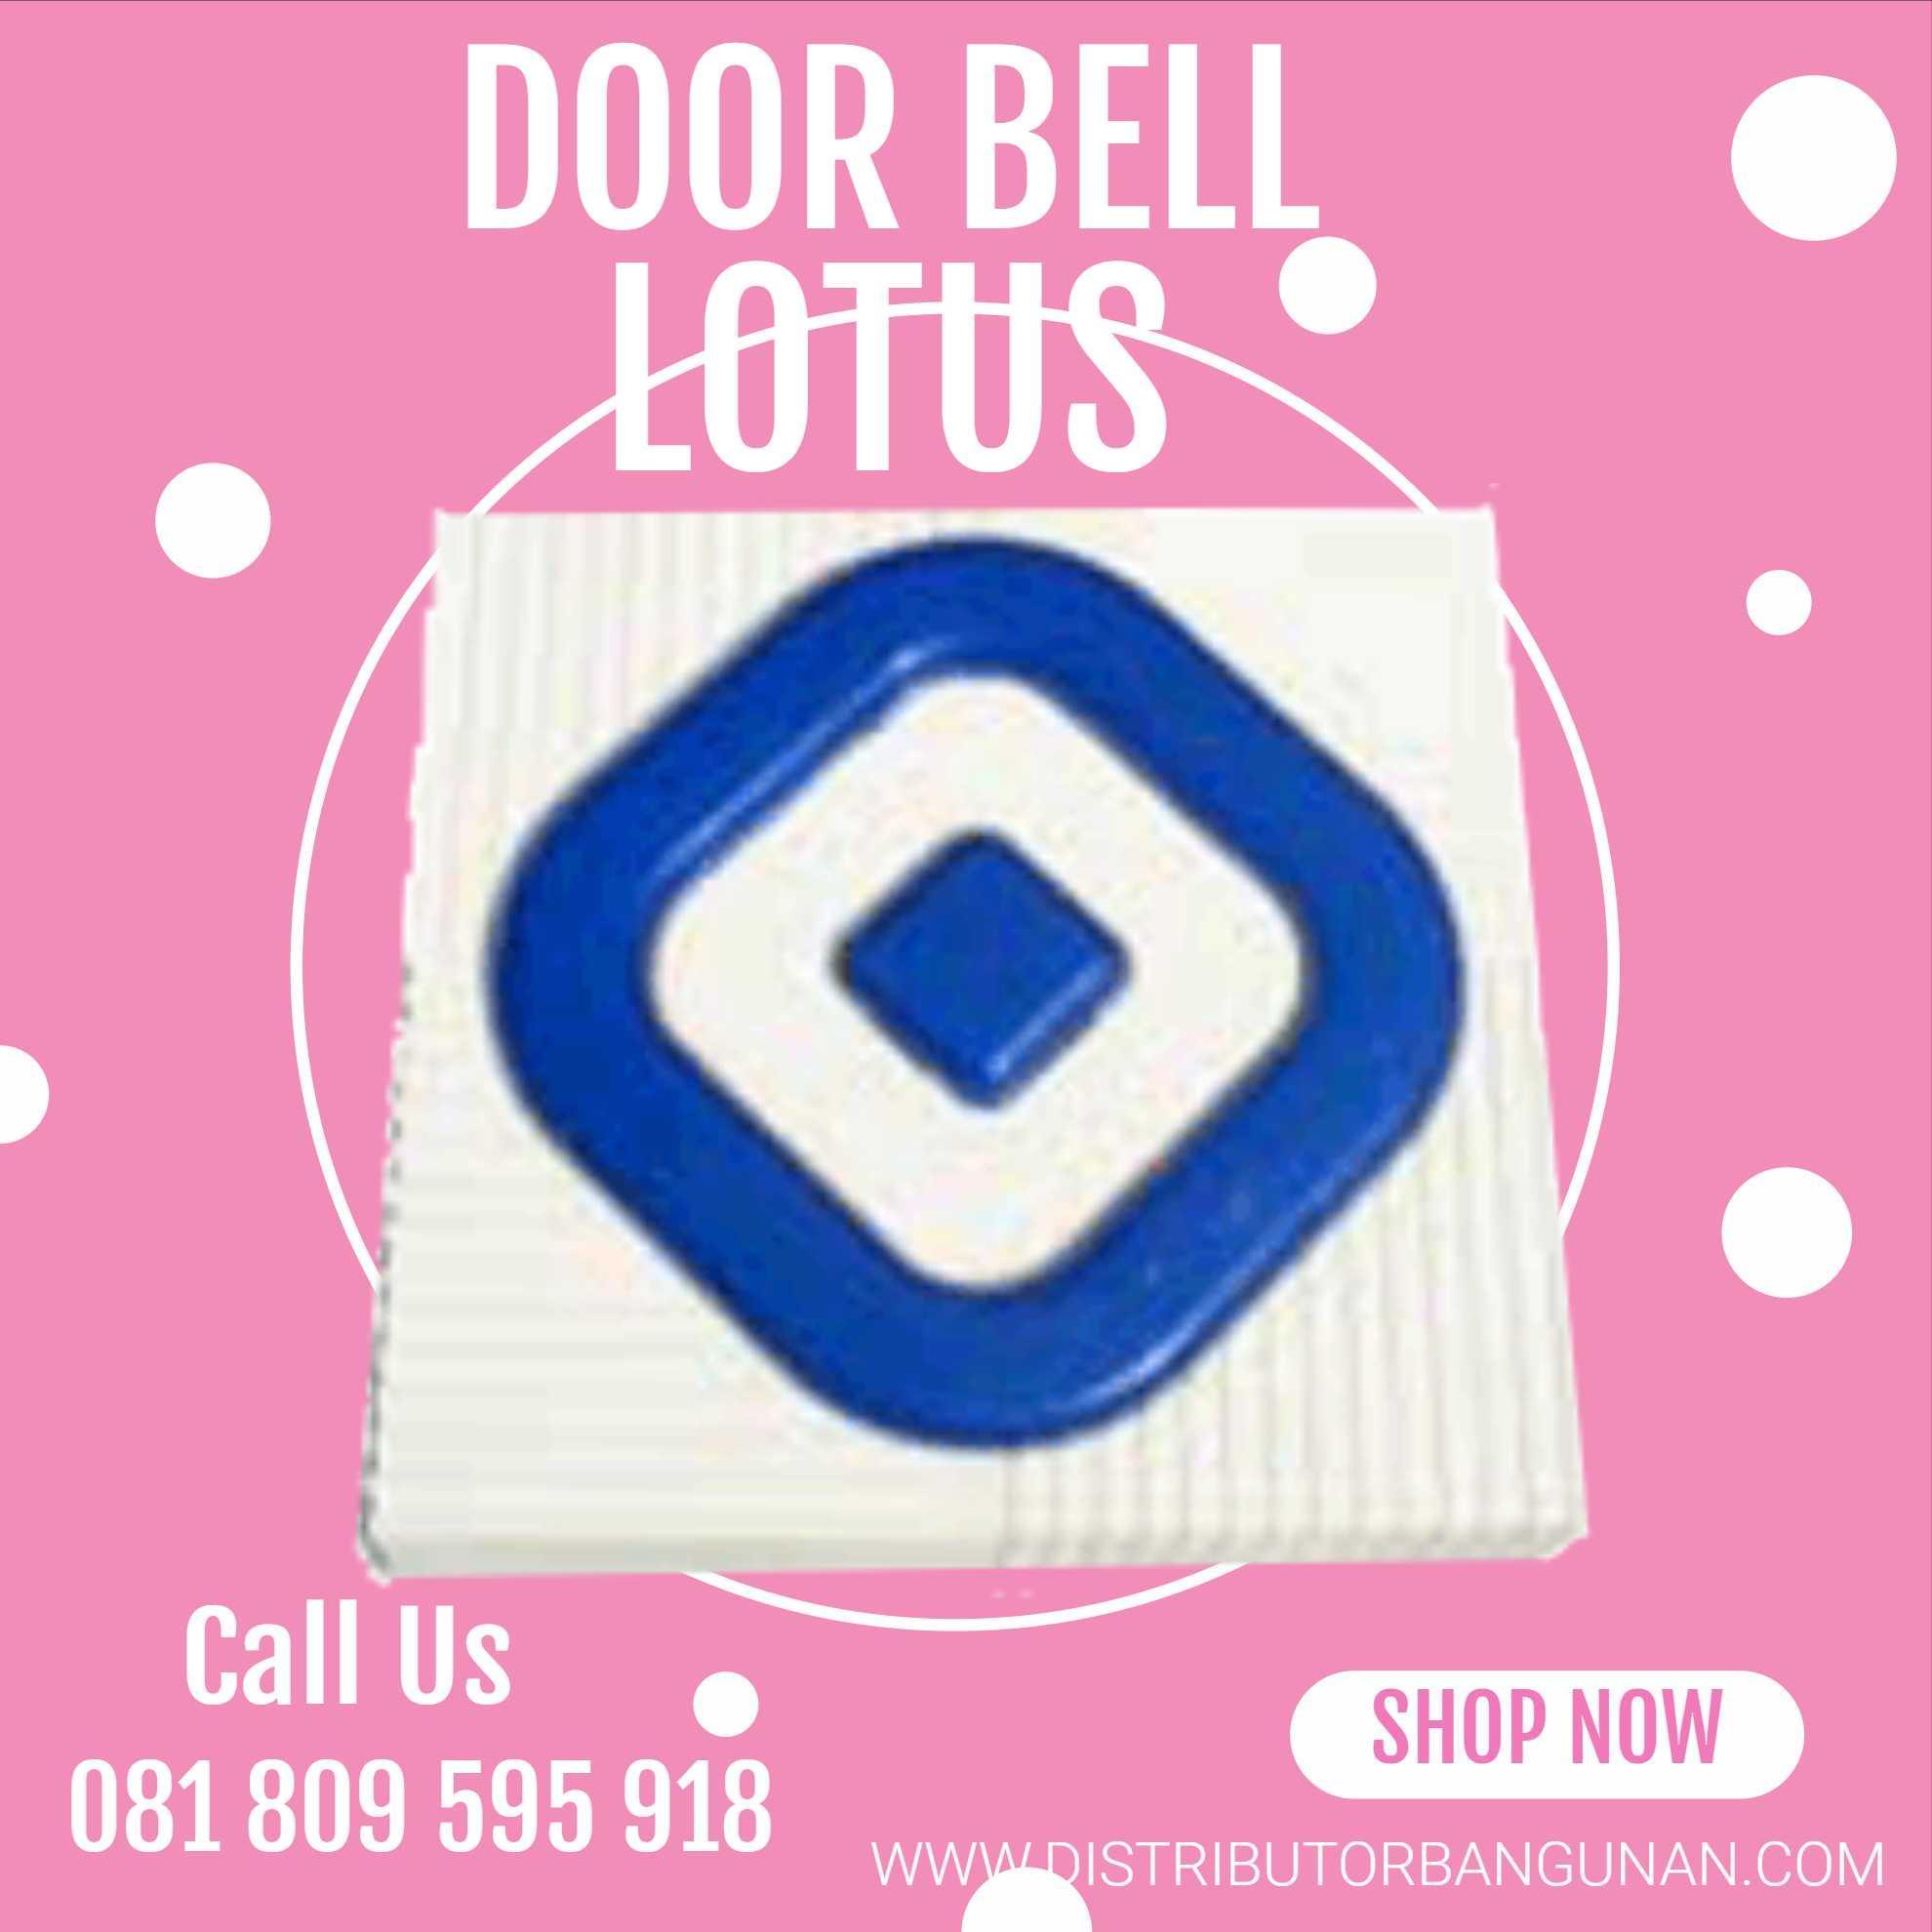 Bel Rumah Tanpa Kabel Wireless Door Bell Up To 30 Meter Dengan 16 Linptech Linbell G2 Self Generating Waterproof Pintu Magnet Original Cable Suara Kencang